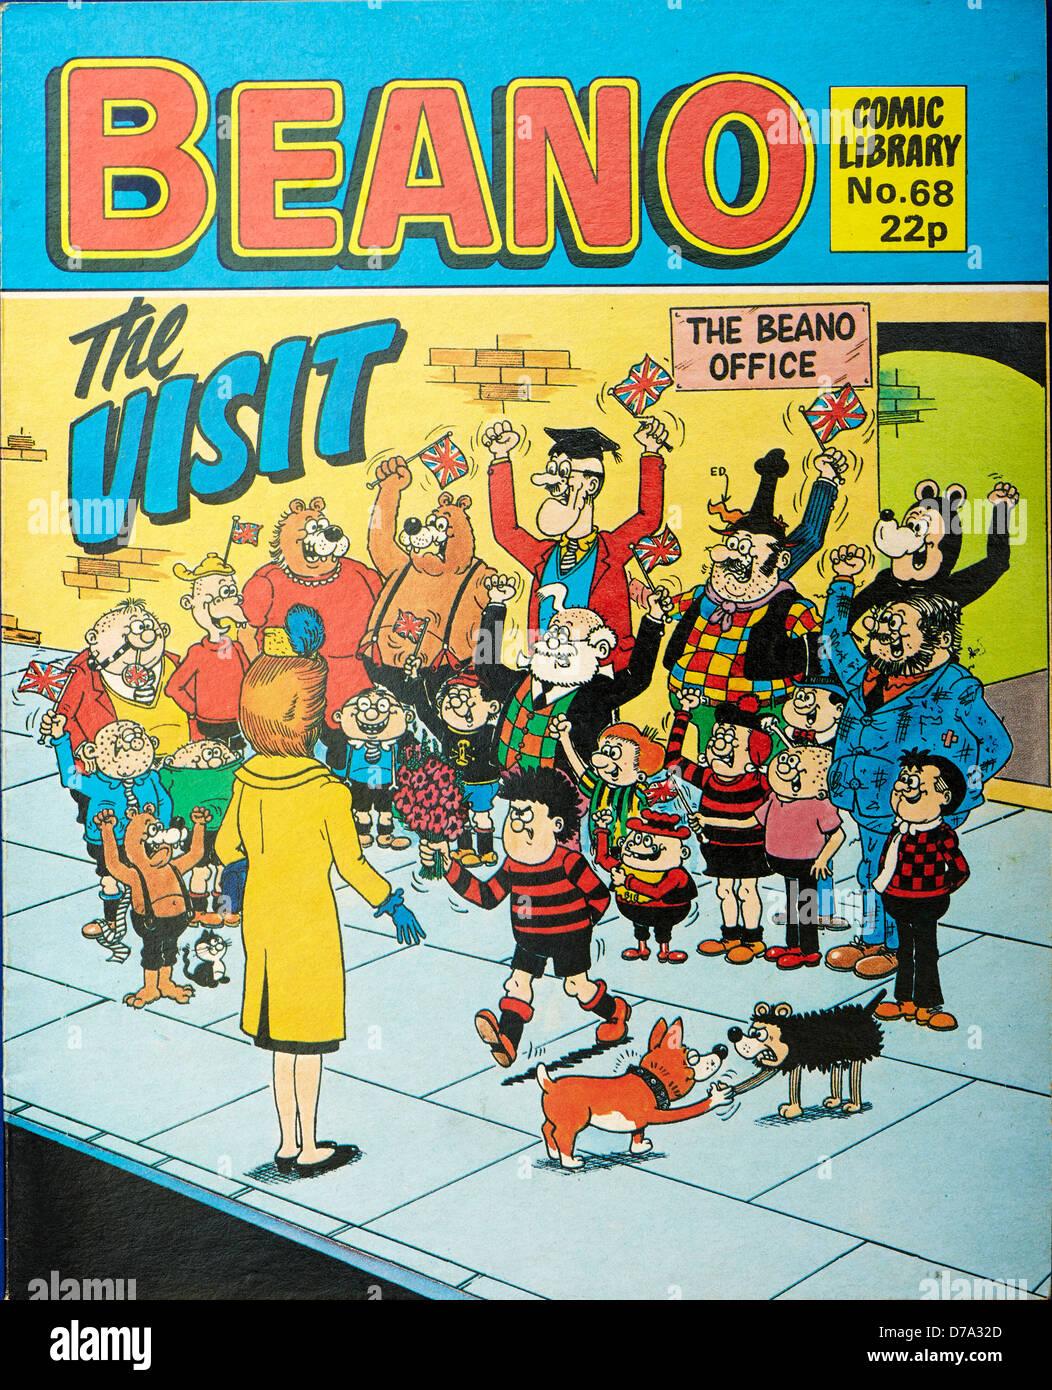 La revista de historietas (Comic Beano biblioteca) Foto de stock